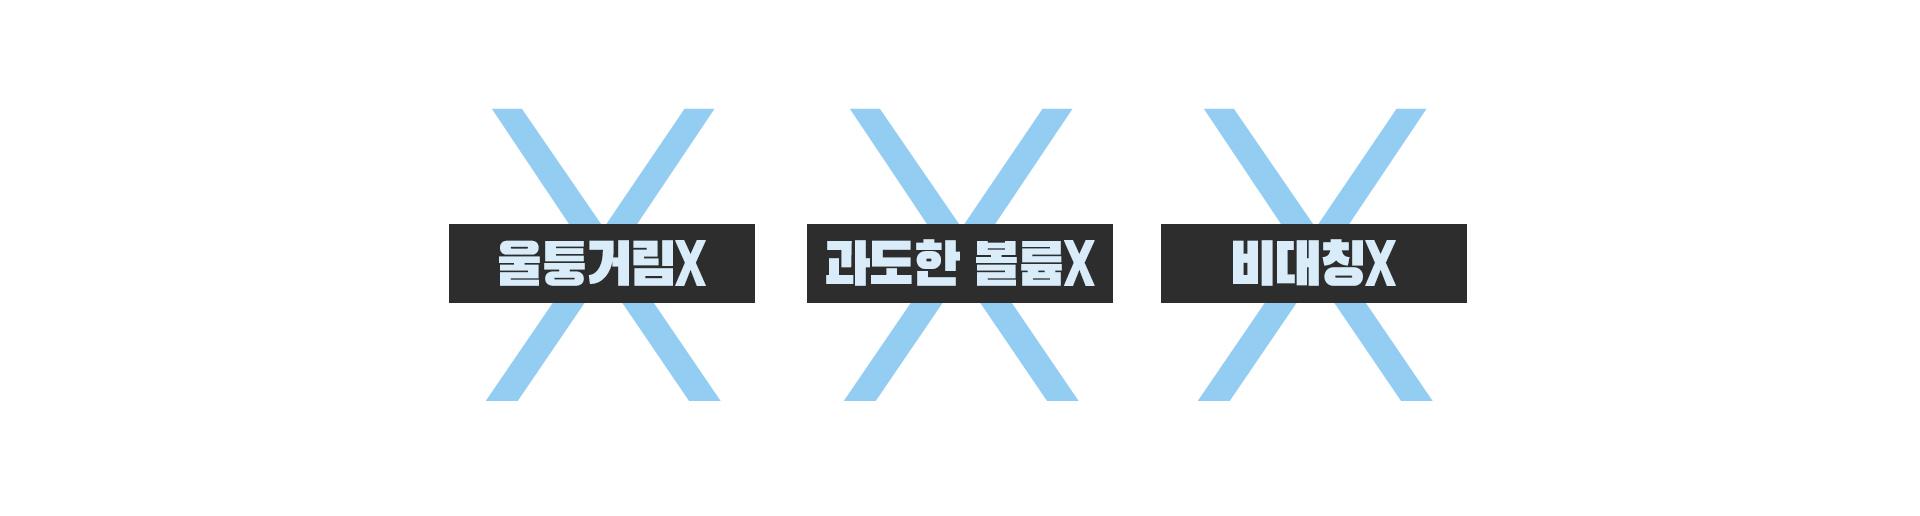 강남 신논현역 피부과 성형외과 라벨라 울퉁거림X 과도한 볼륨X 비대칭X